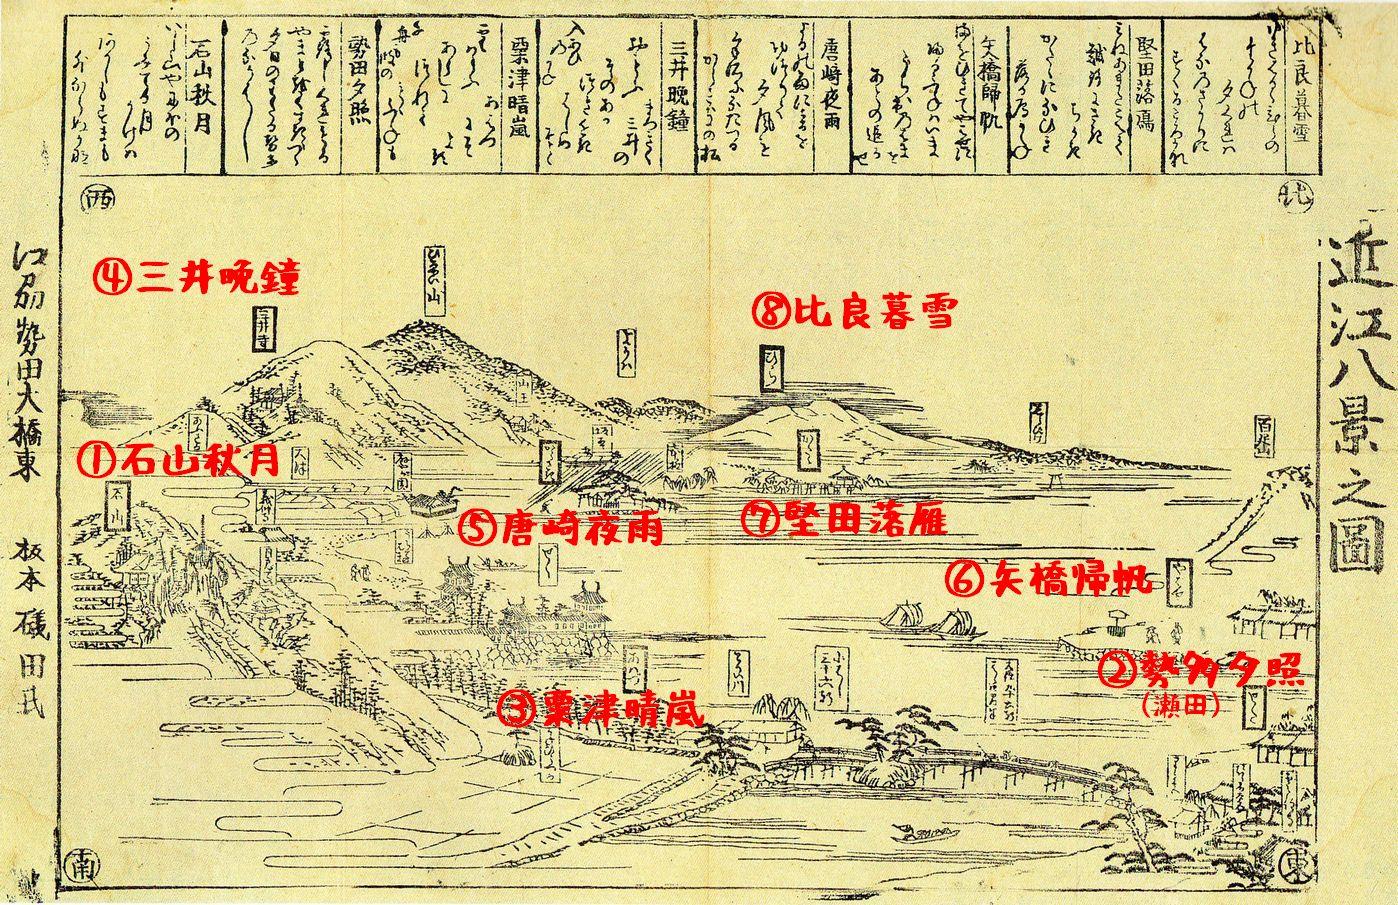 近江八景の図03